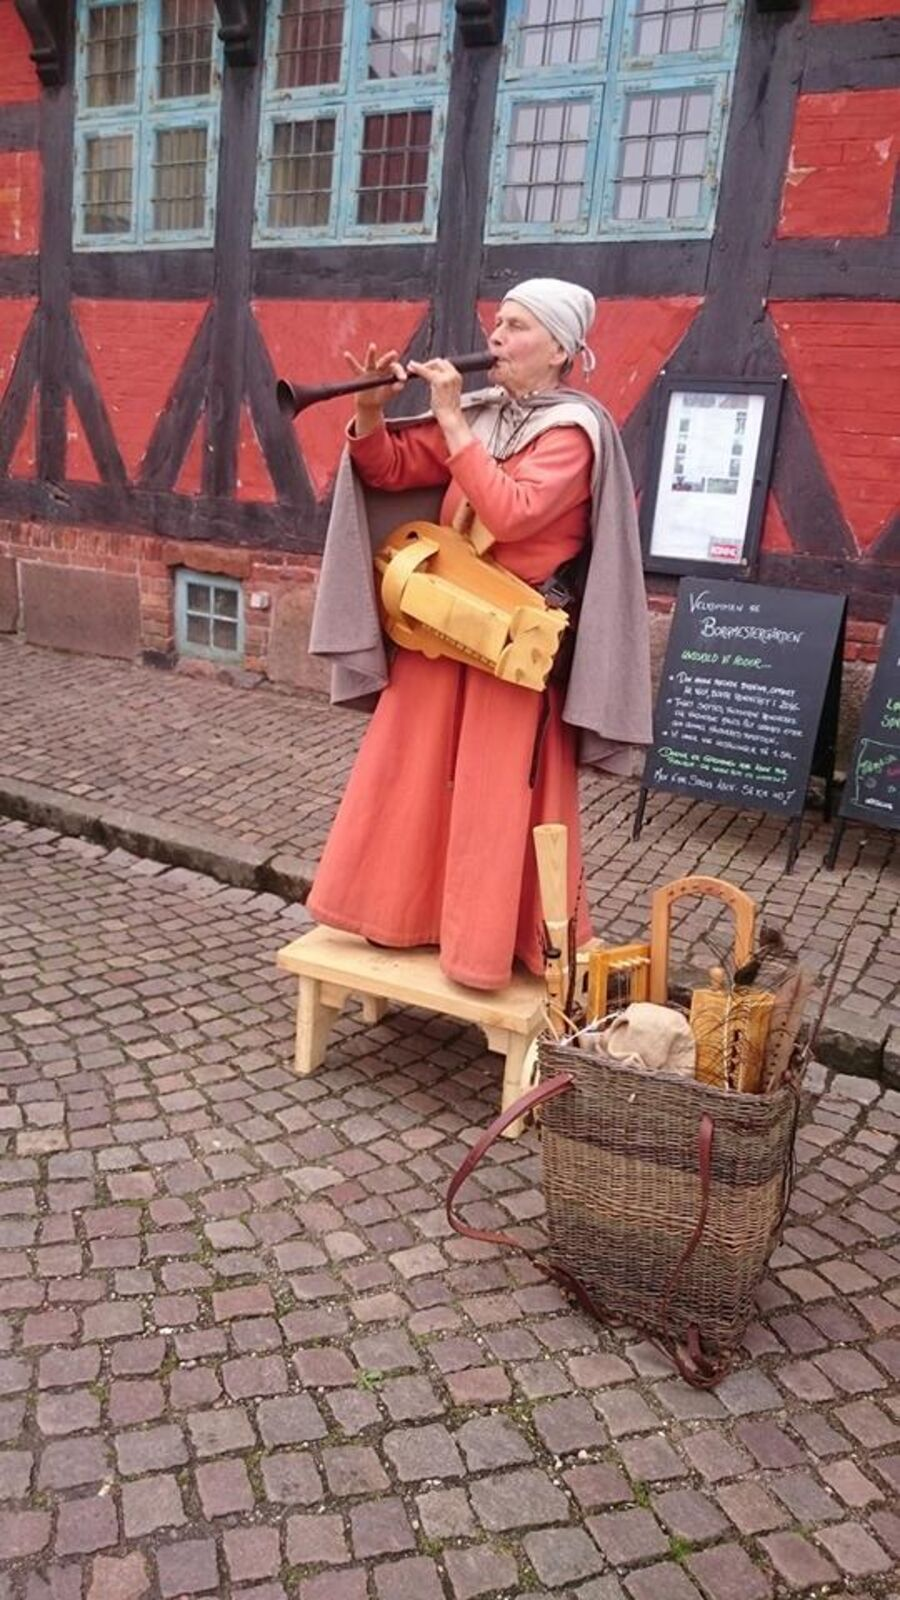 Instrumentmagerens kone spiller musik